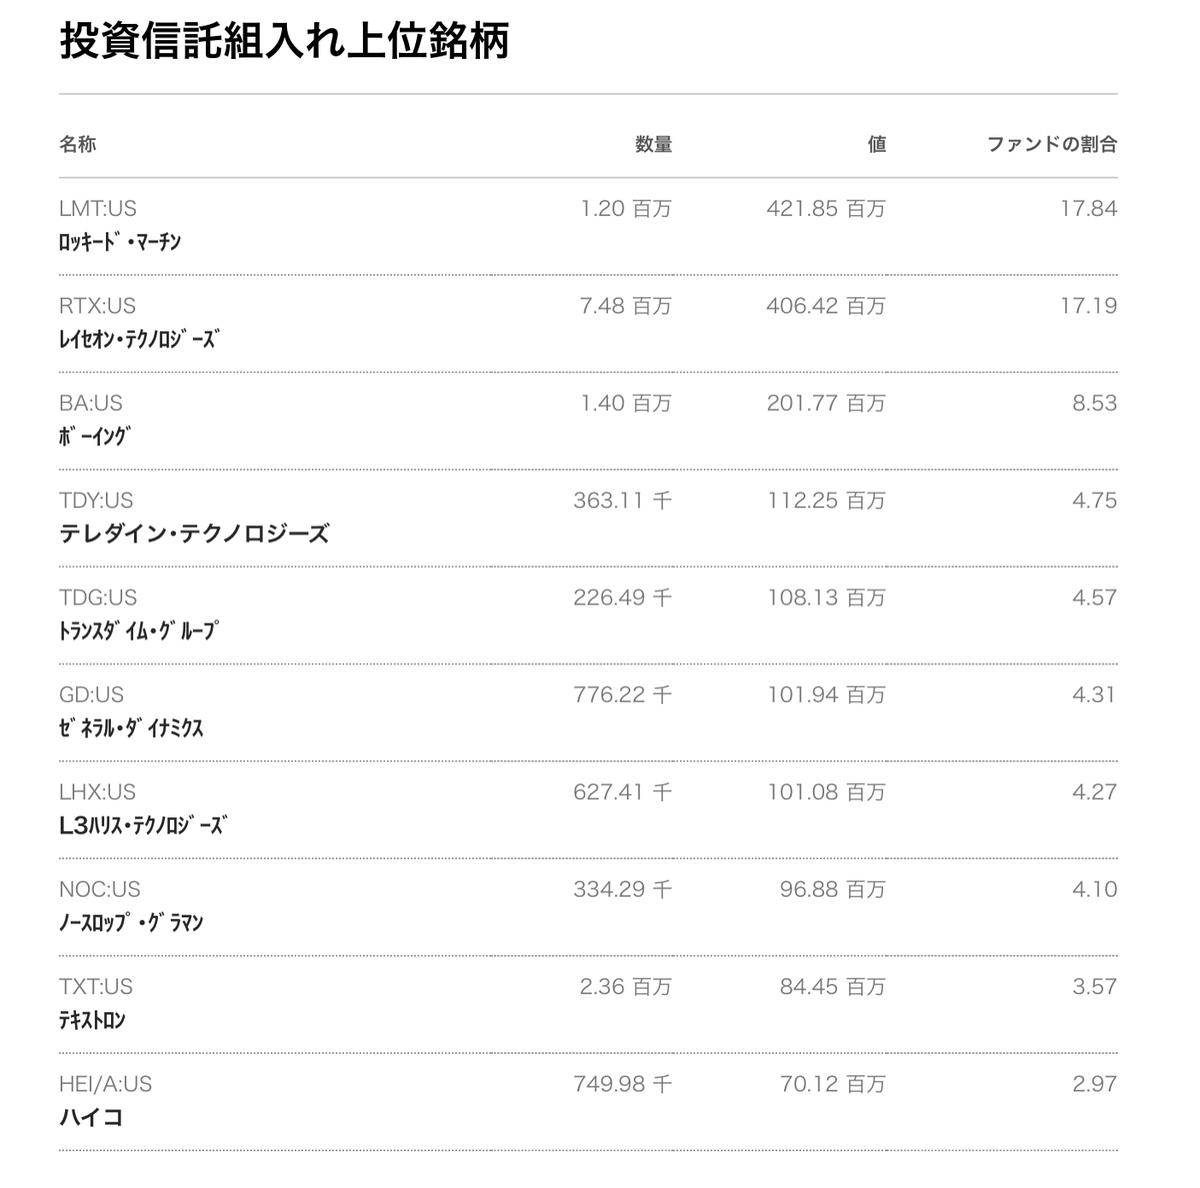 f:id:mi-wanko:20201103111125j:plain